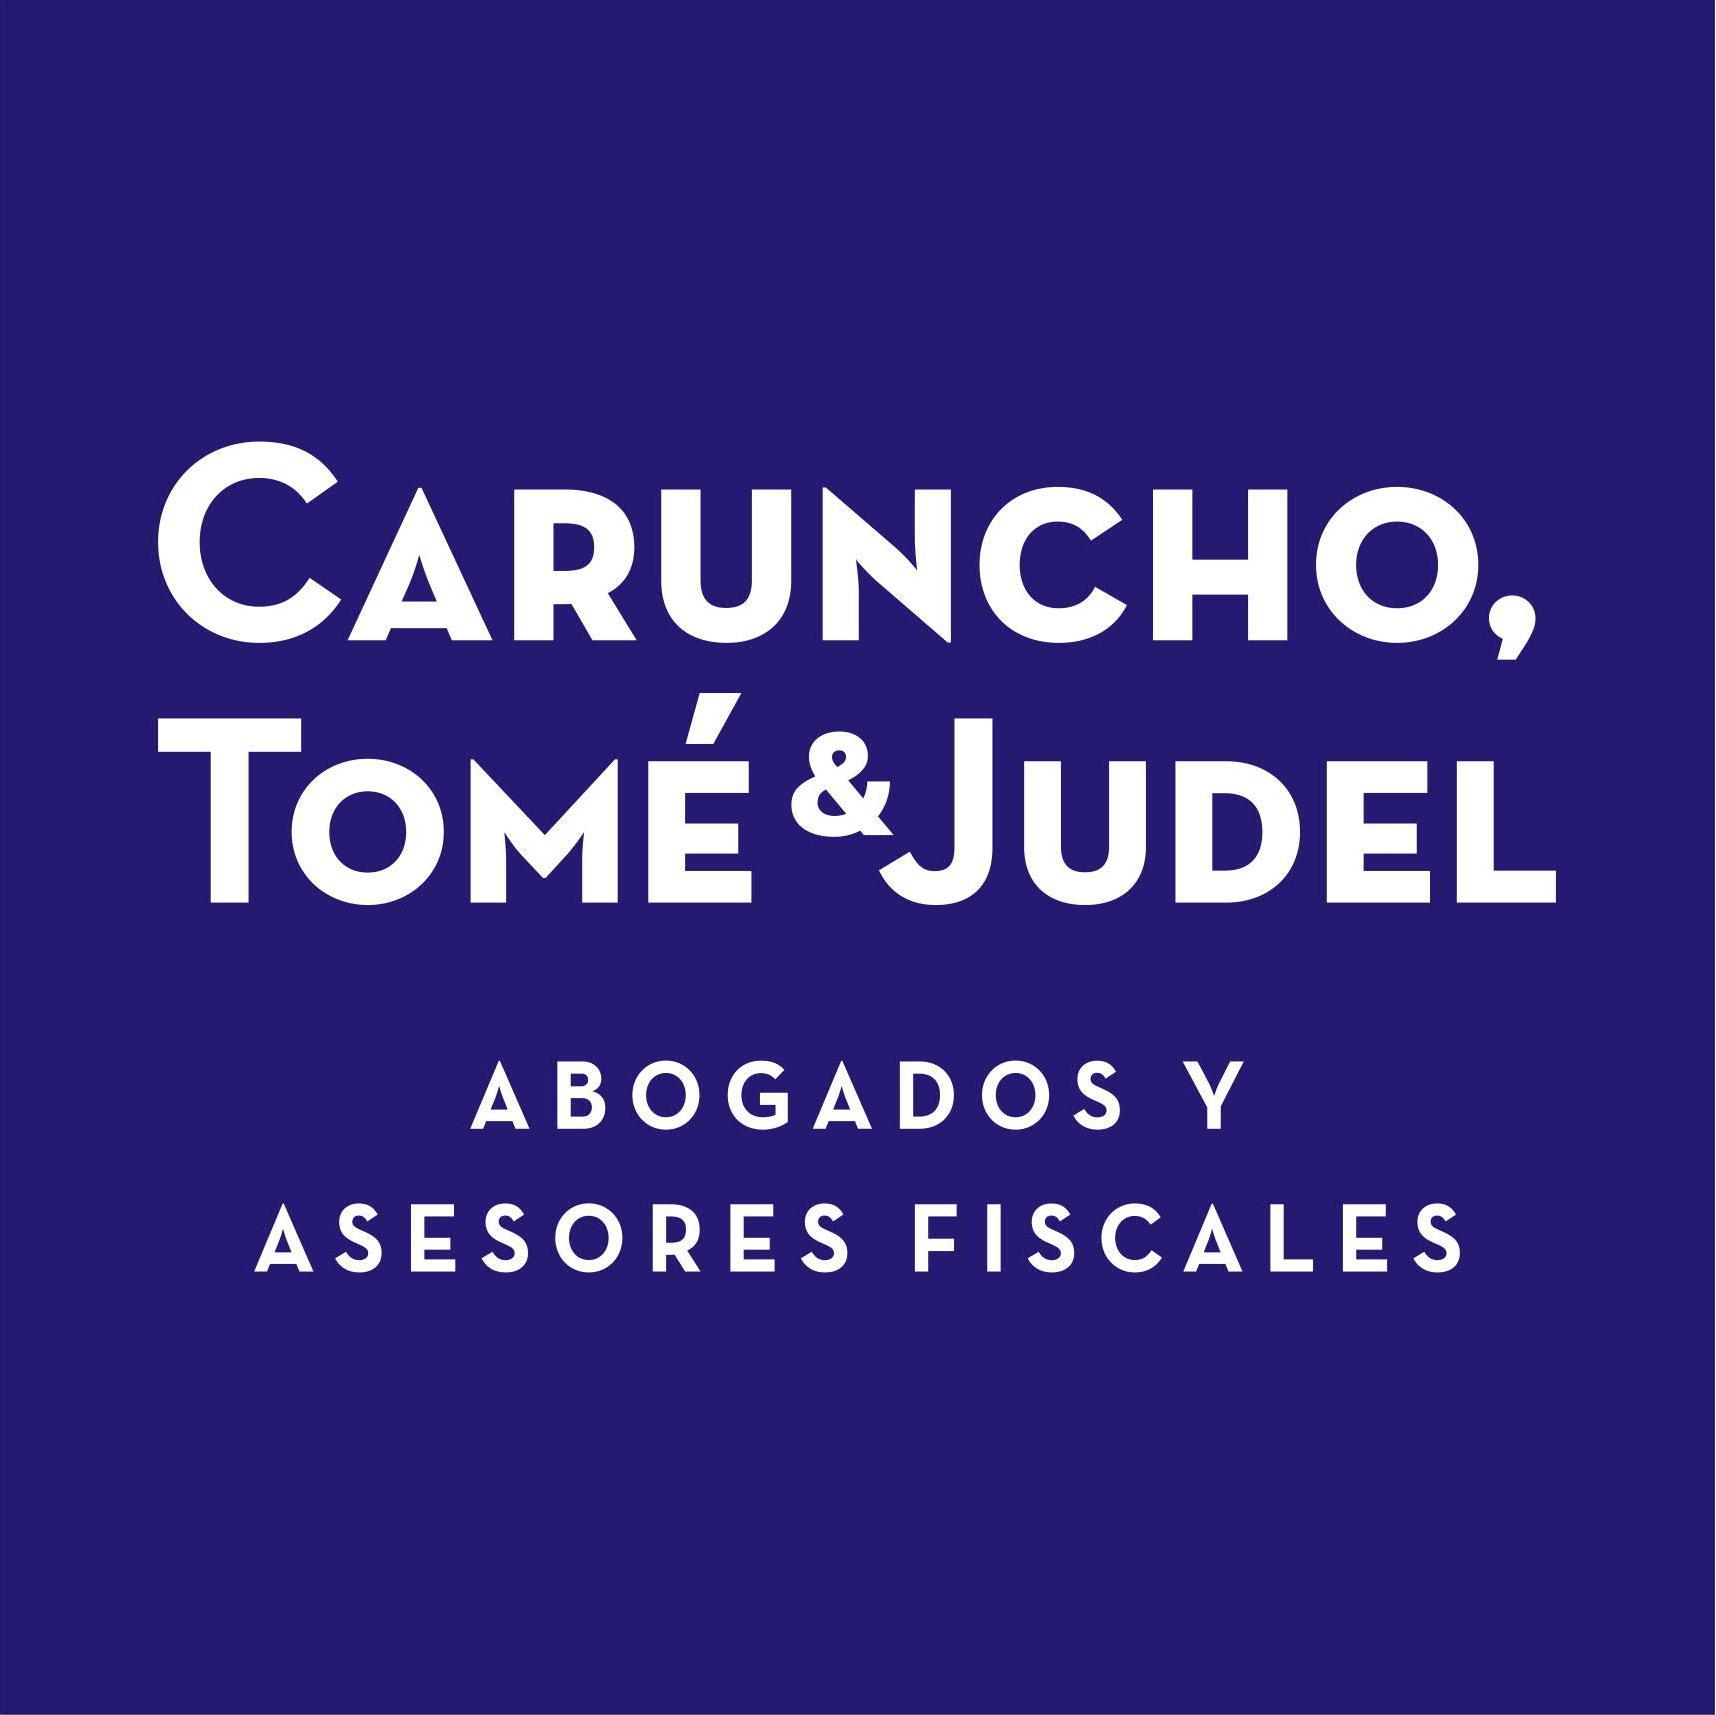 Desarrollo Web de Abogados - Caruncho, Tomé & Judel